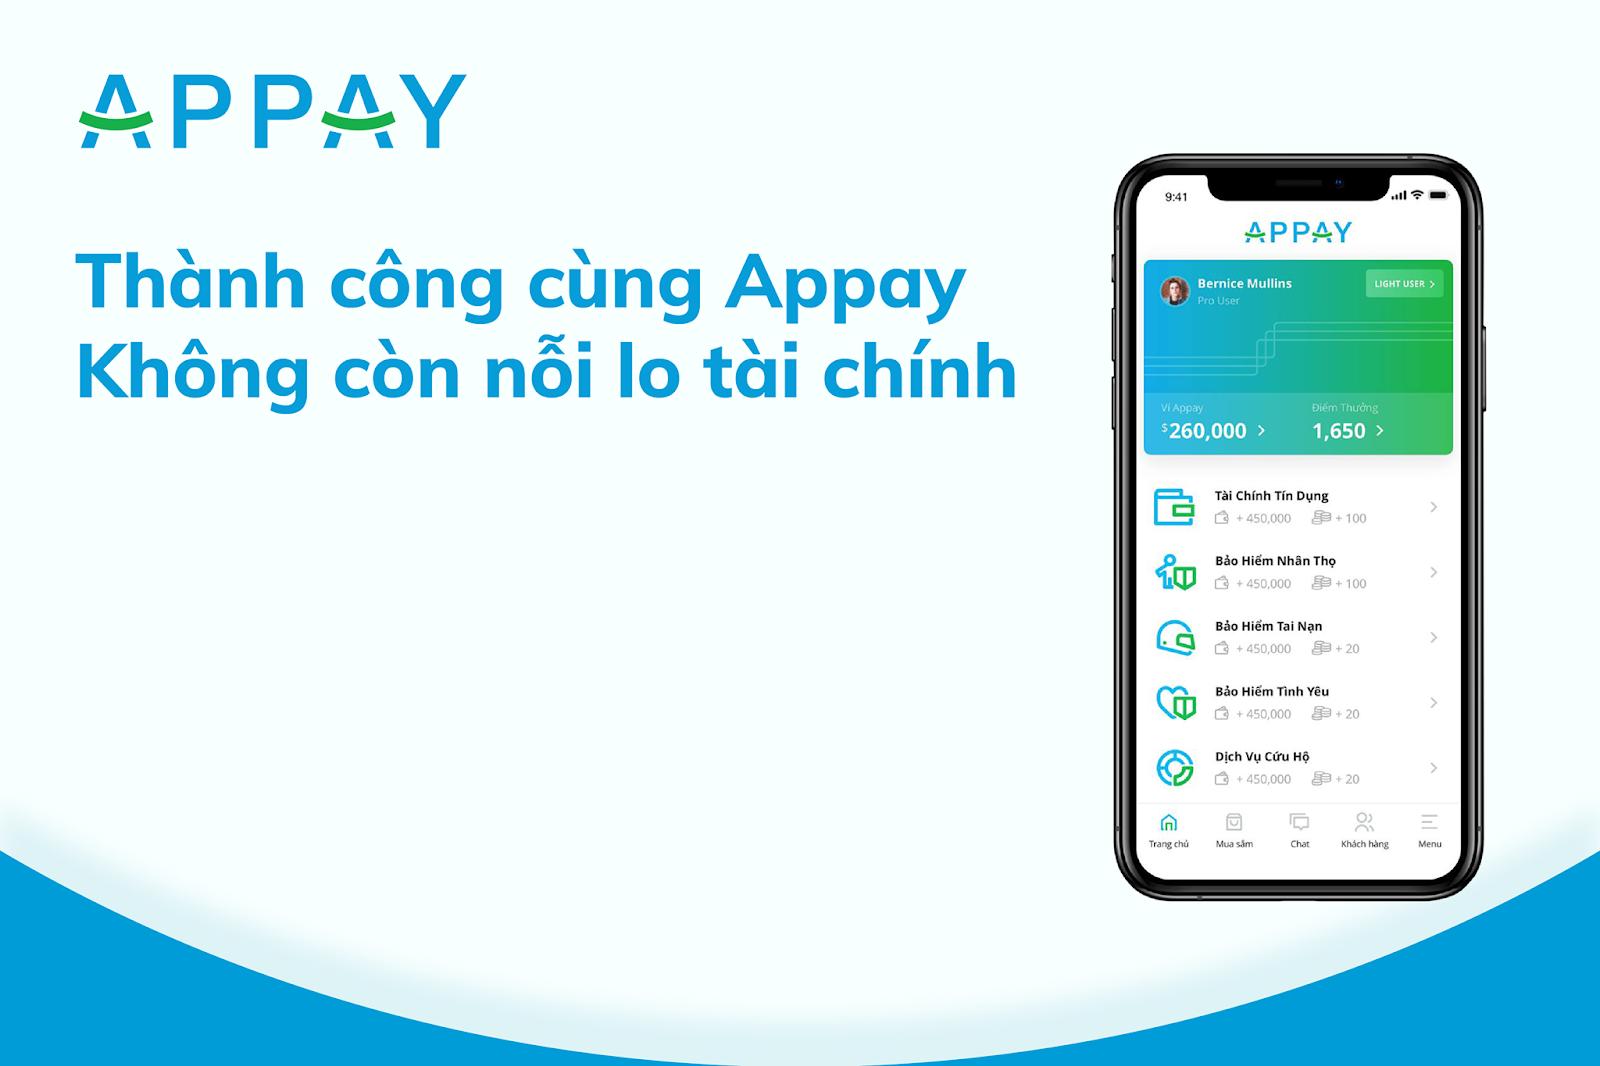 kiếm tiền đi du lịch với Appay